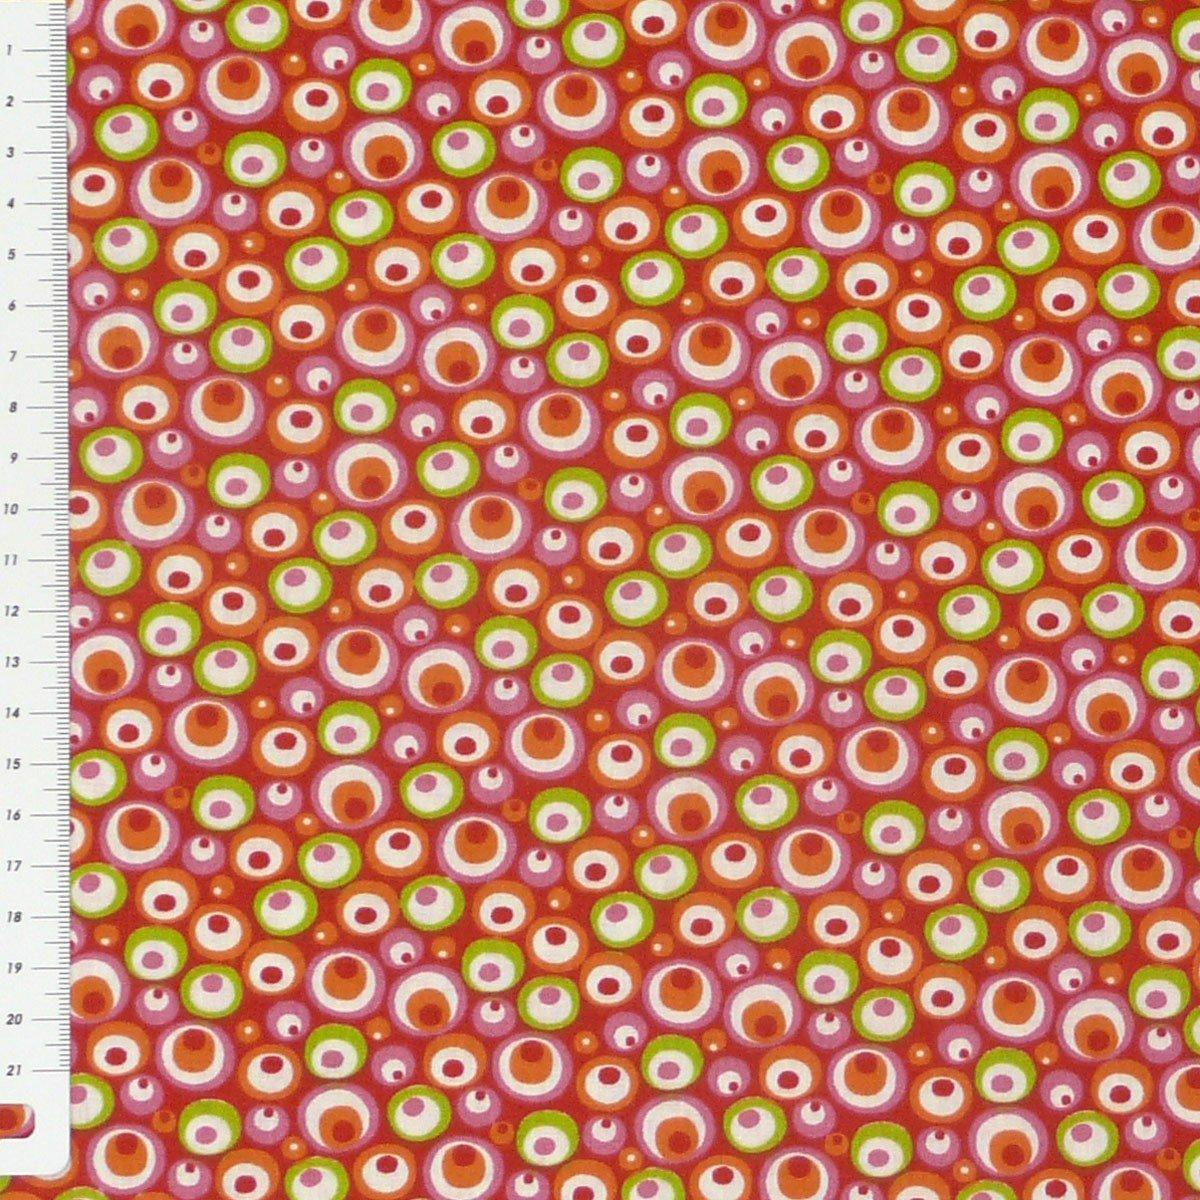 Baumwollstoff Stoff Meterware Kreise rot grün rosa orange weiß 1,6m Breite